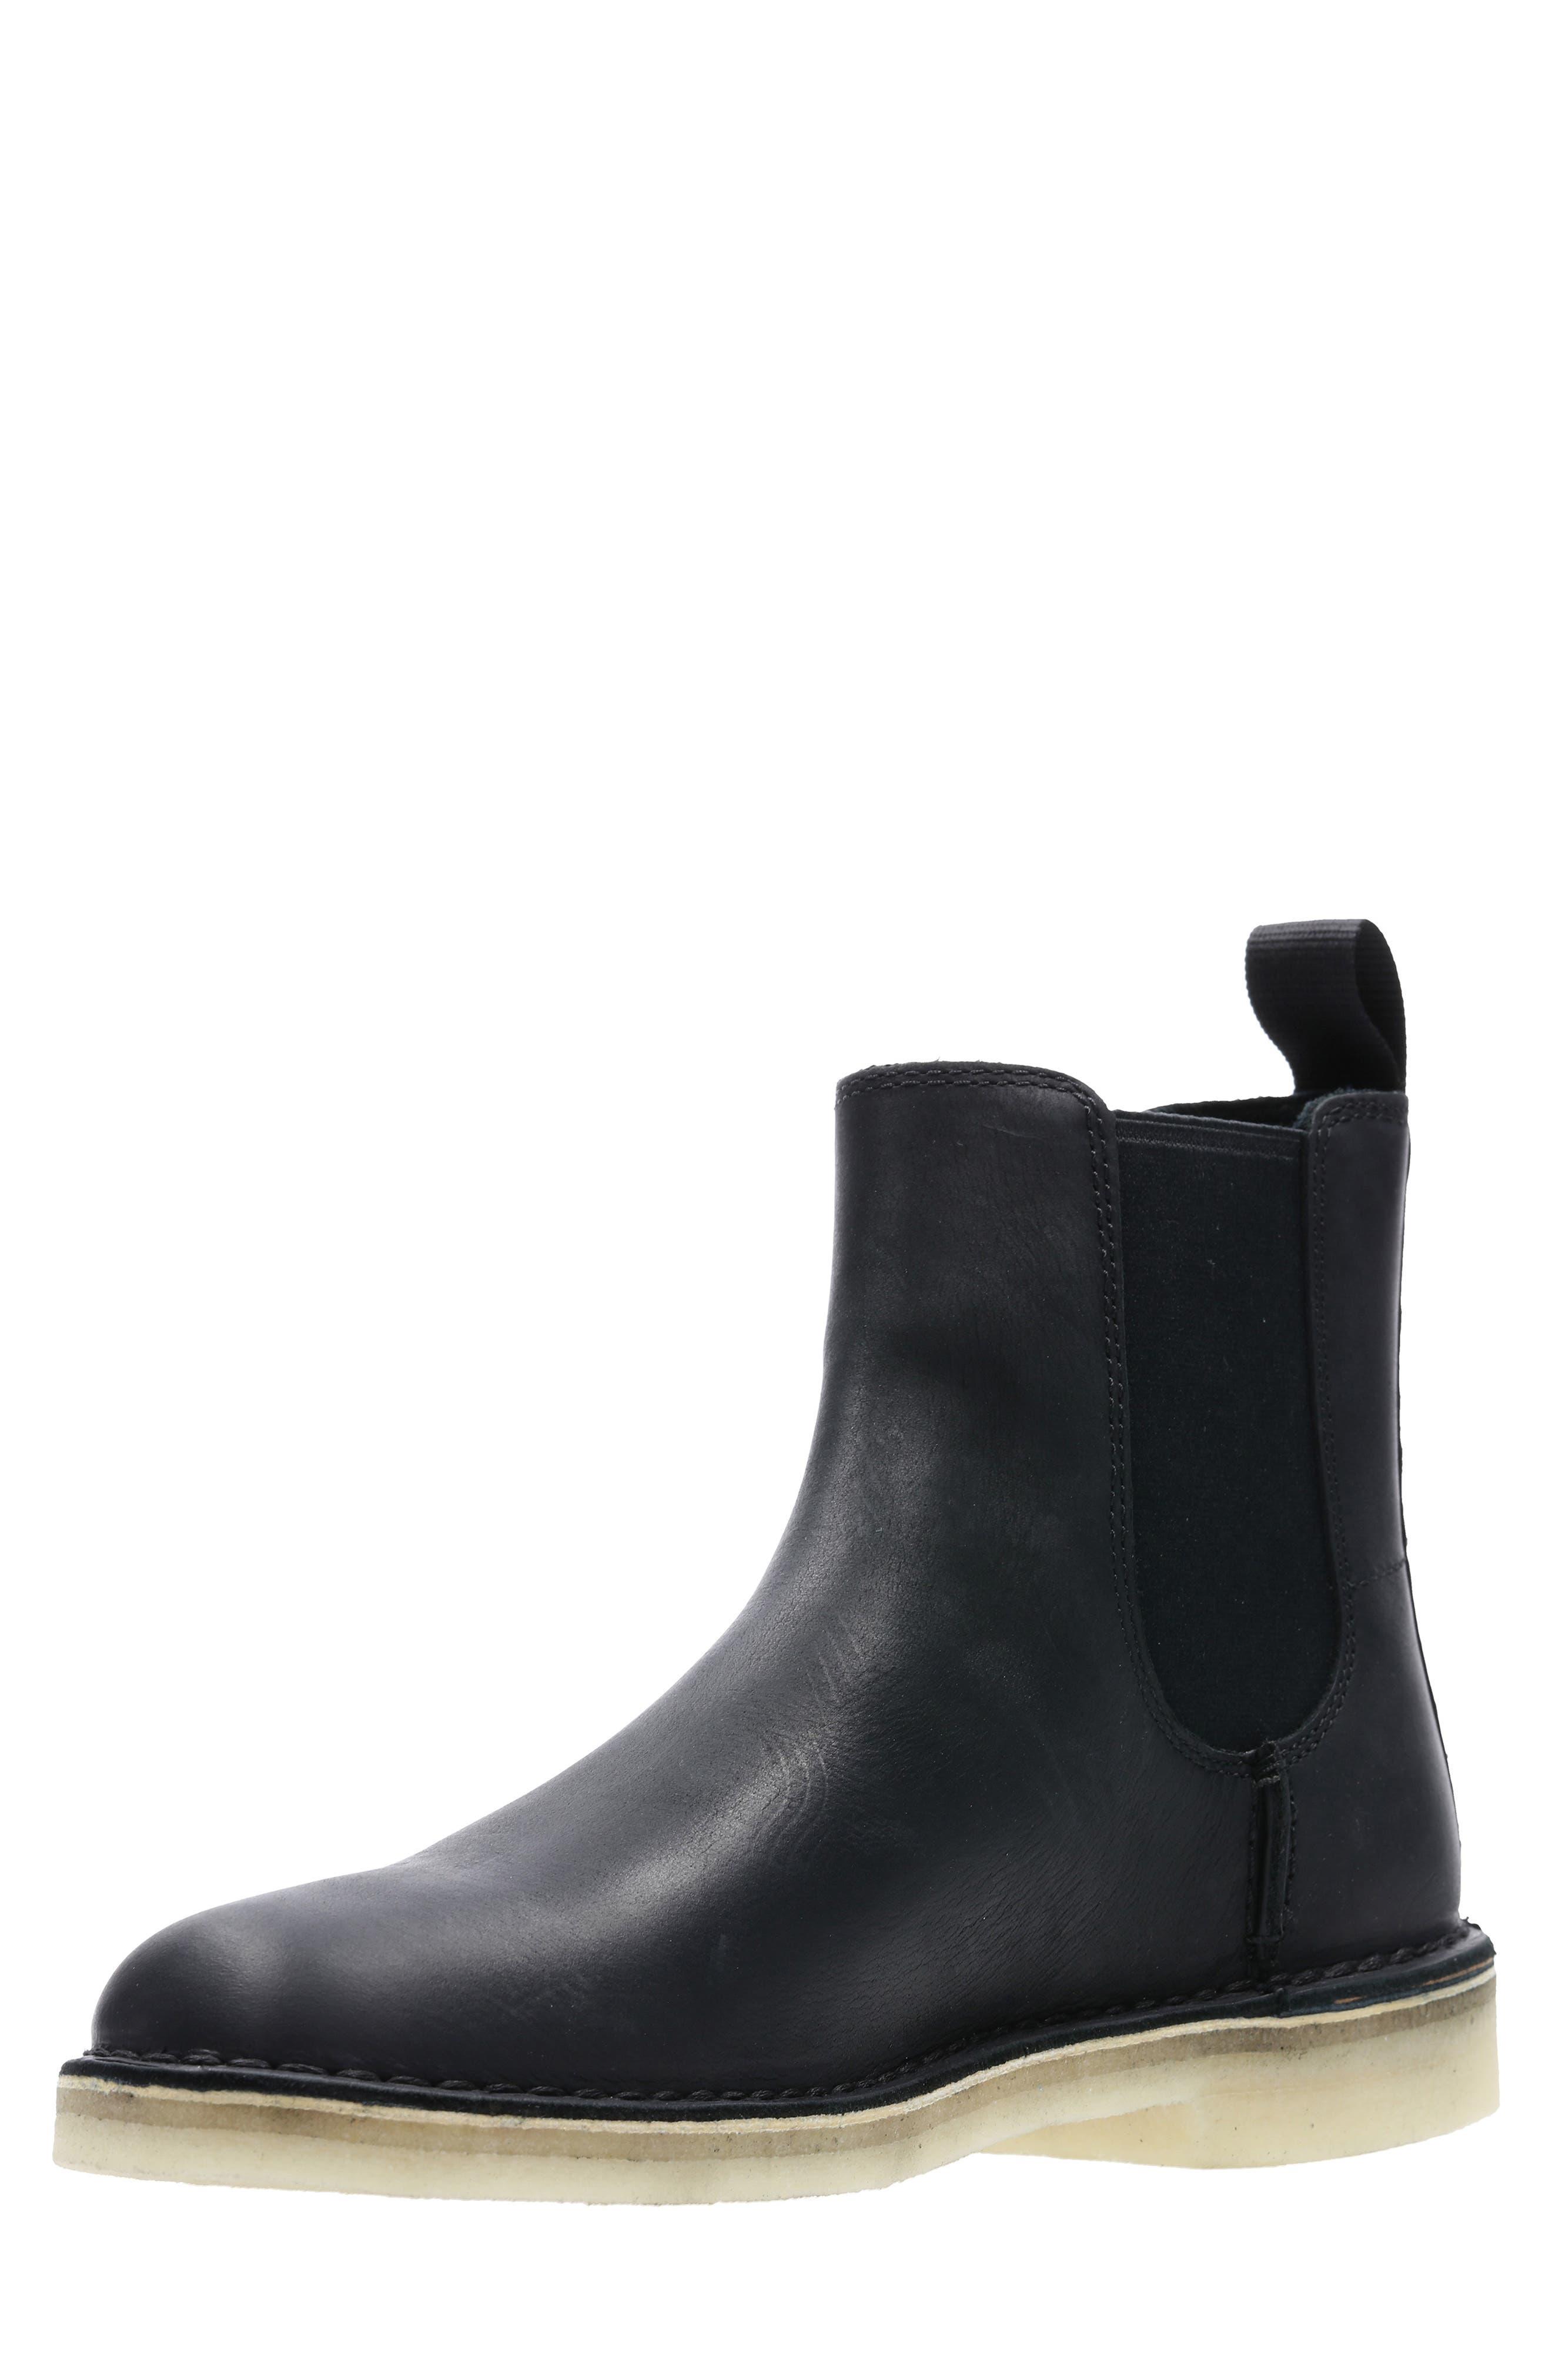 Desert Peak Chelsea Boot,                             Alternate thumbnail 5, color,                             BLACK/BLACK LEATHER